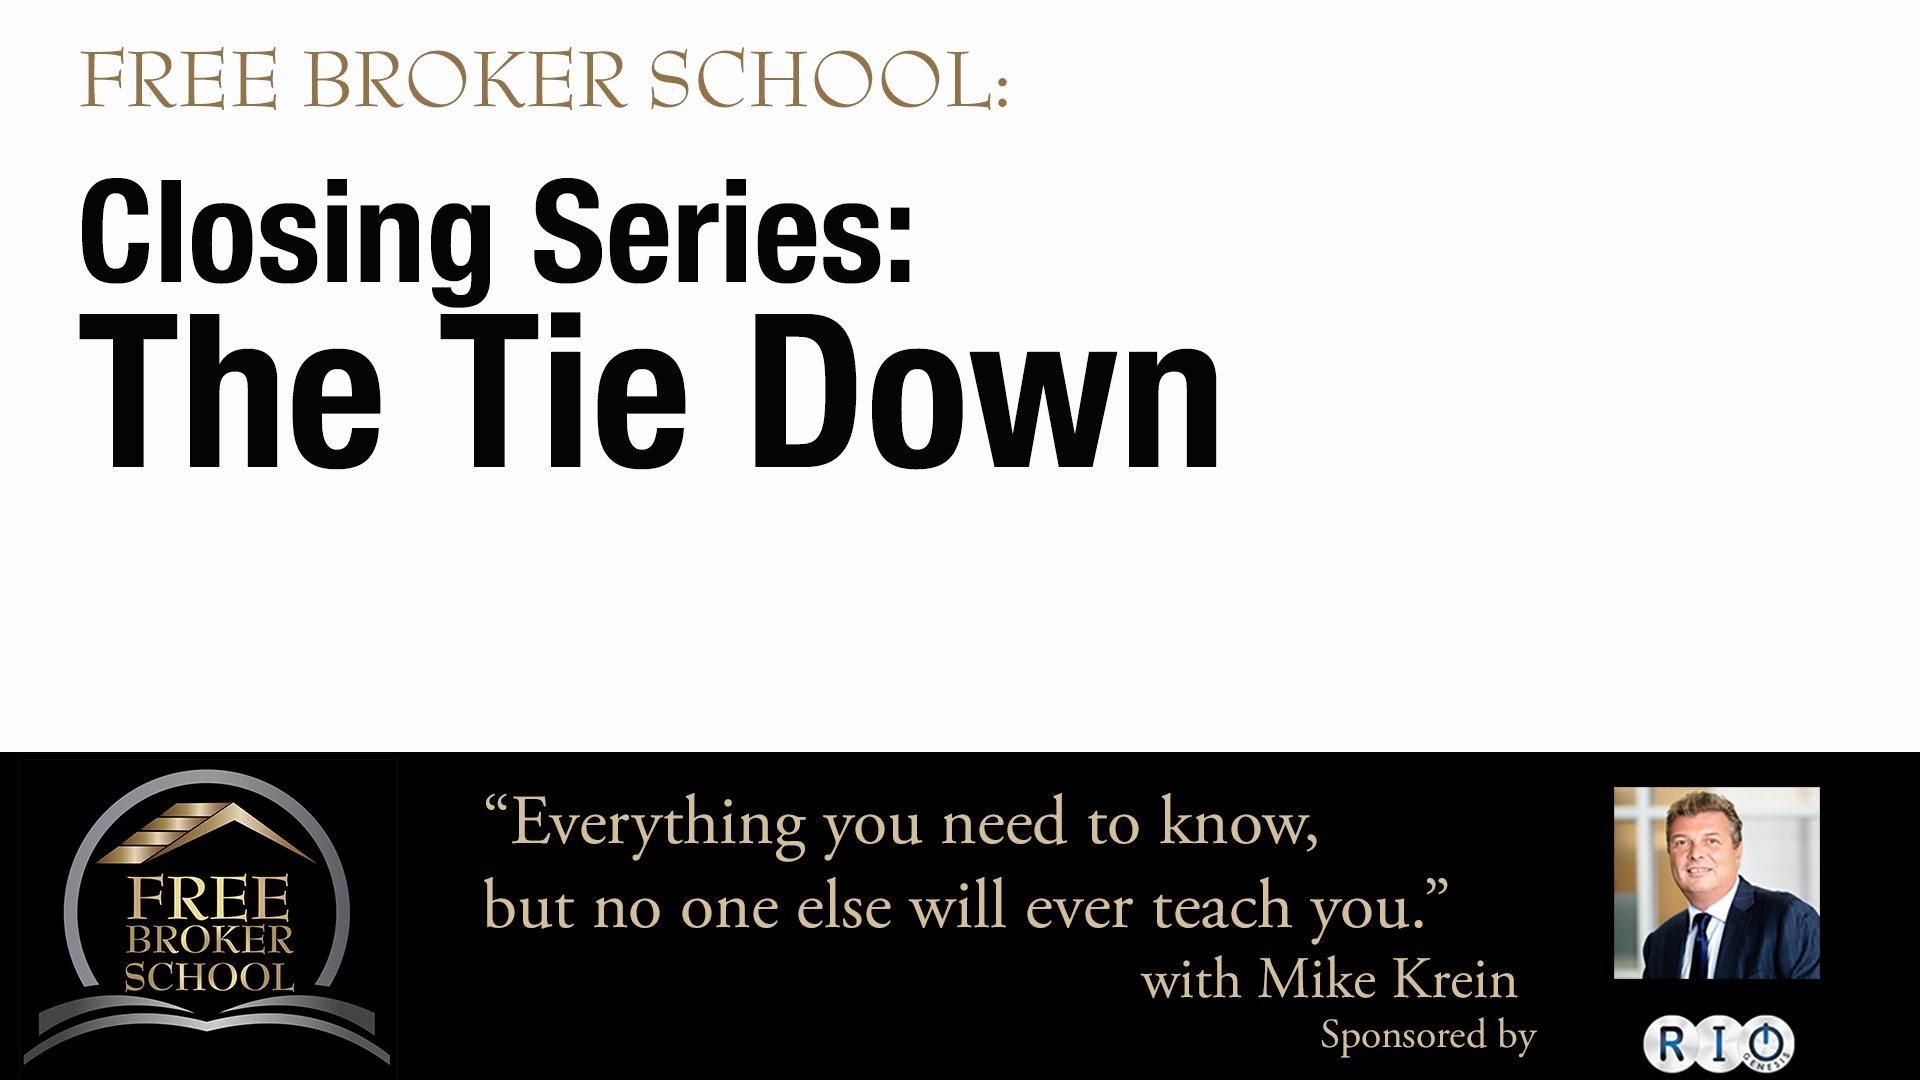 Free Broker School - Closing Series: The Tie Down